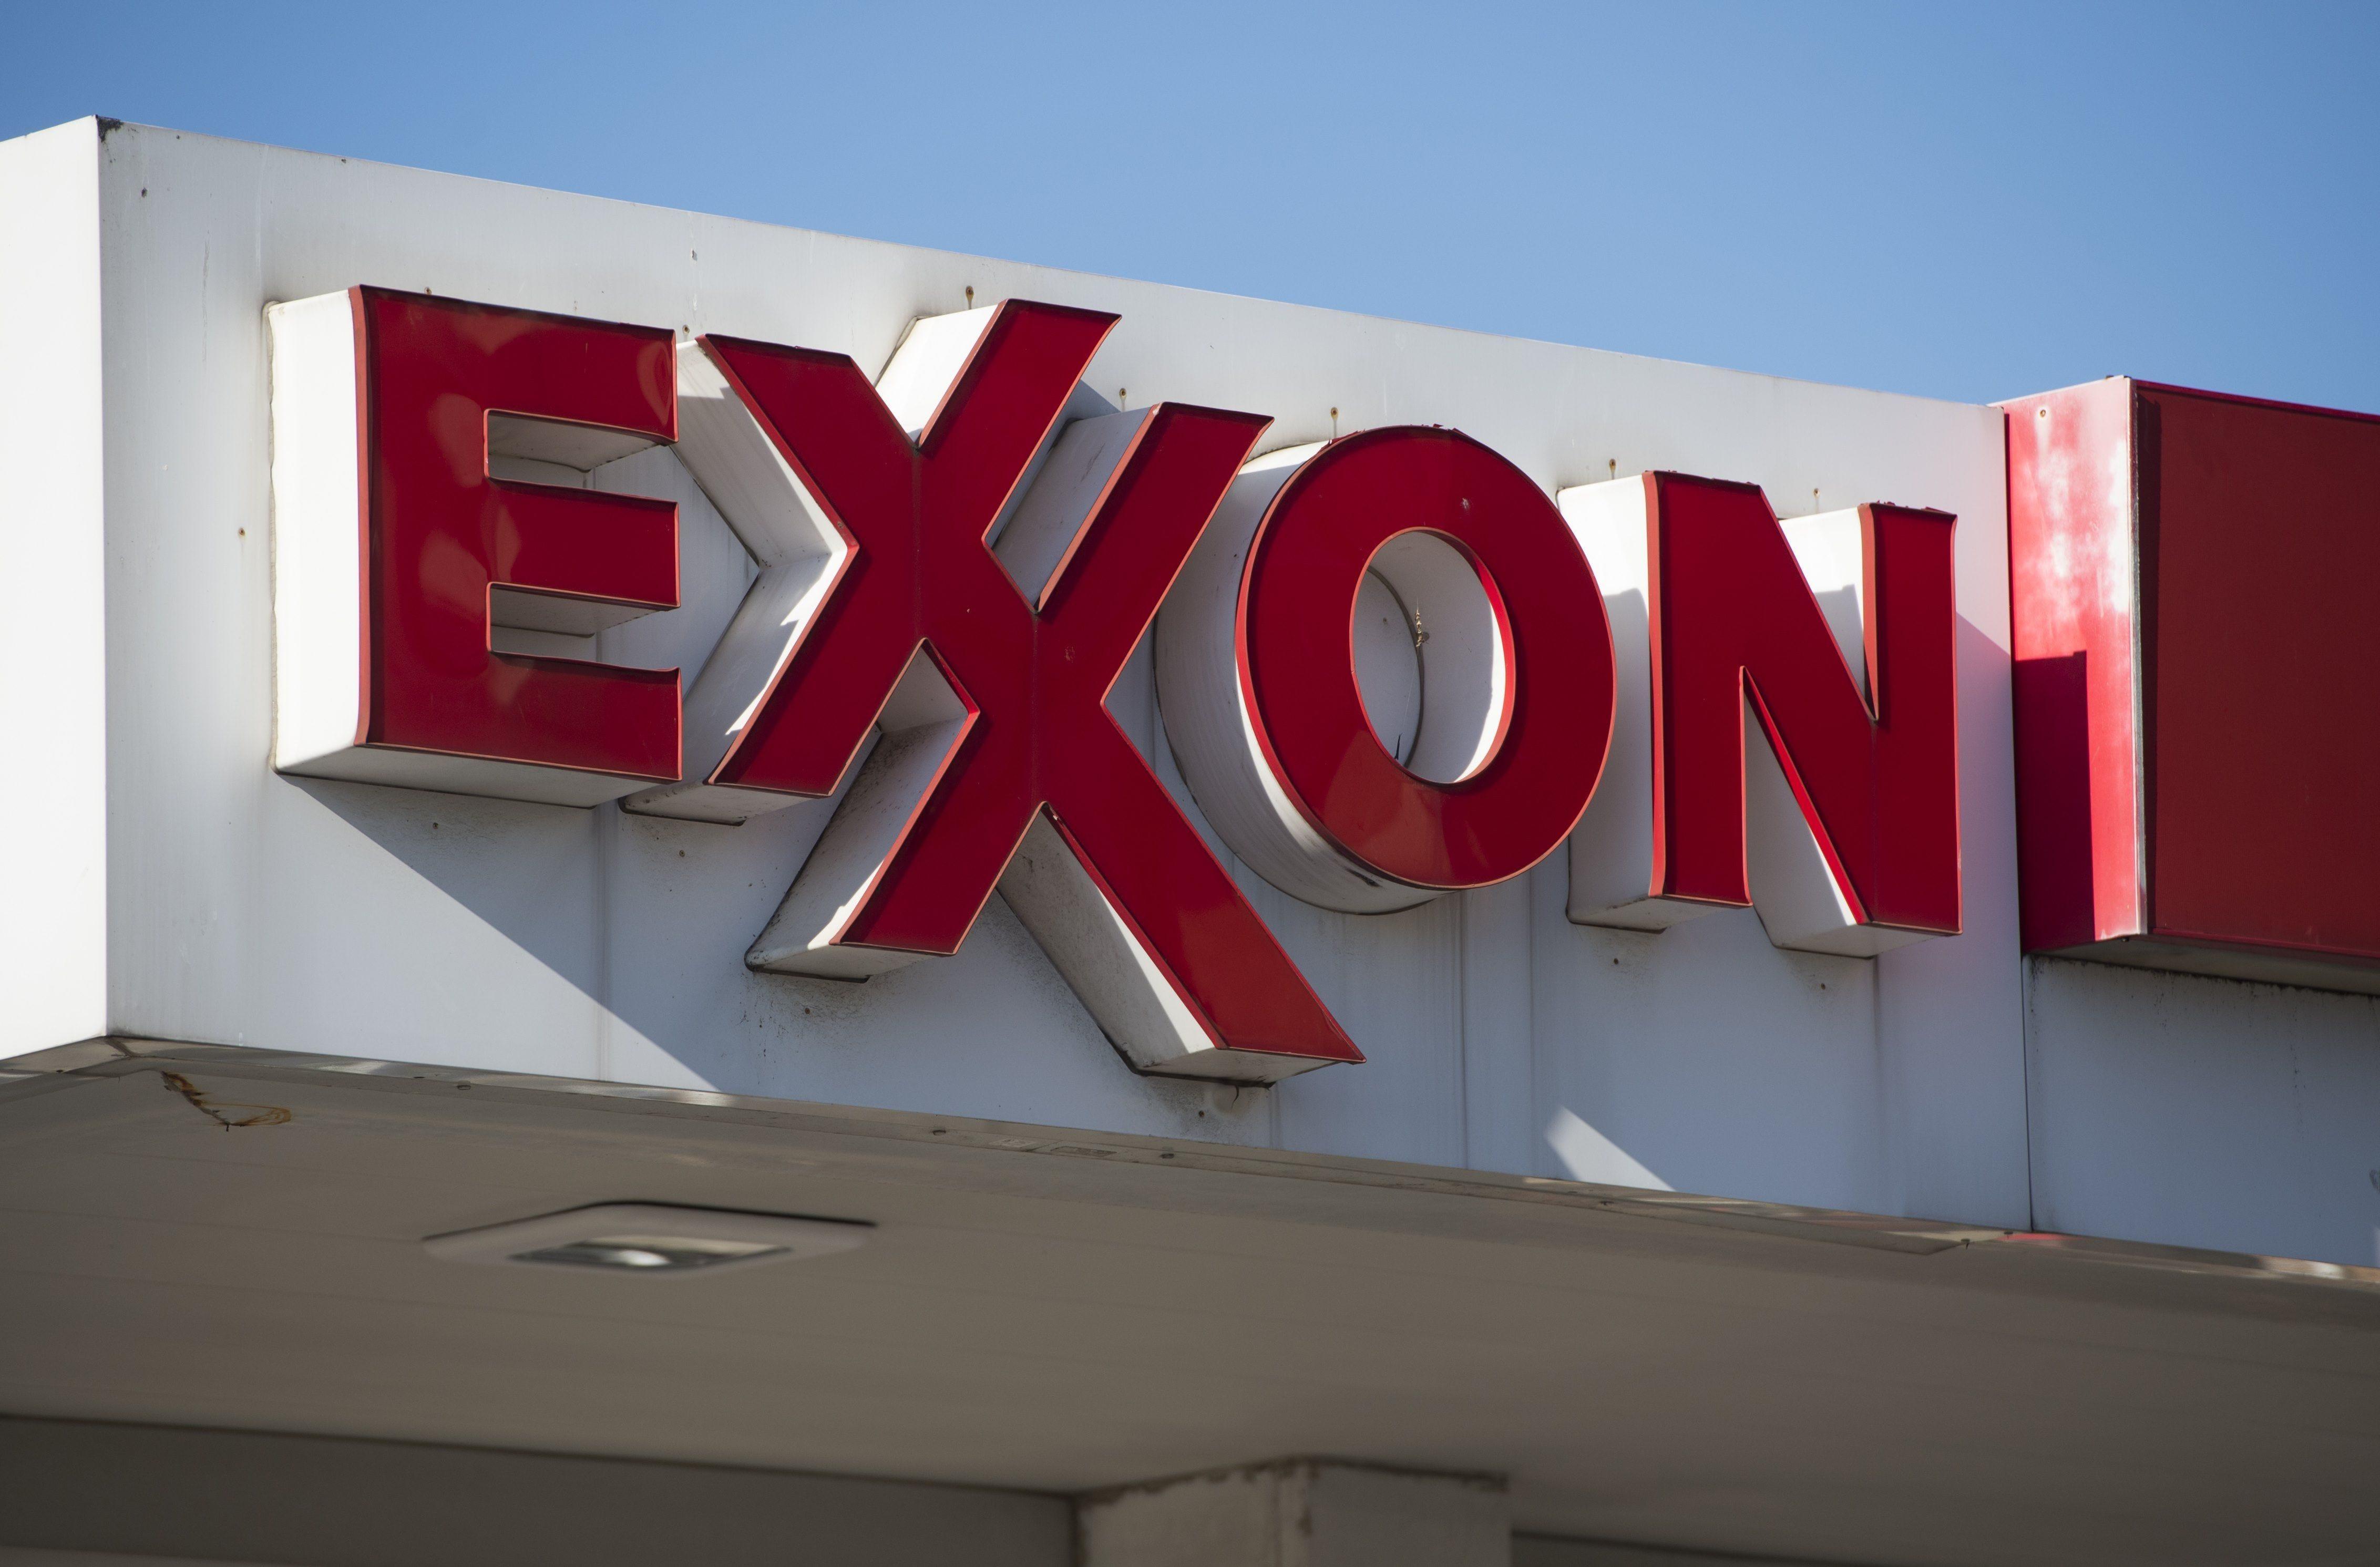 科技50年:Exxon價值40億美元的一堂企業文化課/Jean-Louis Gassée   by 吐納商業評論   吐納商業評論   Tuna Business Review